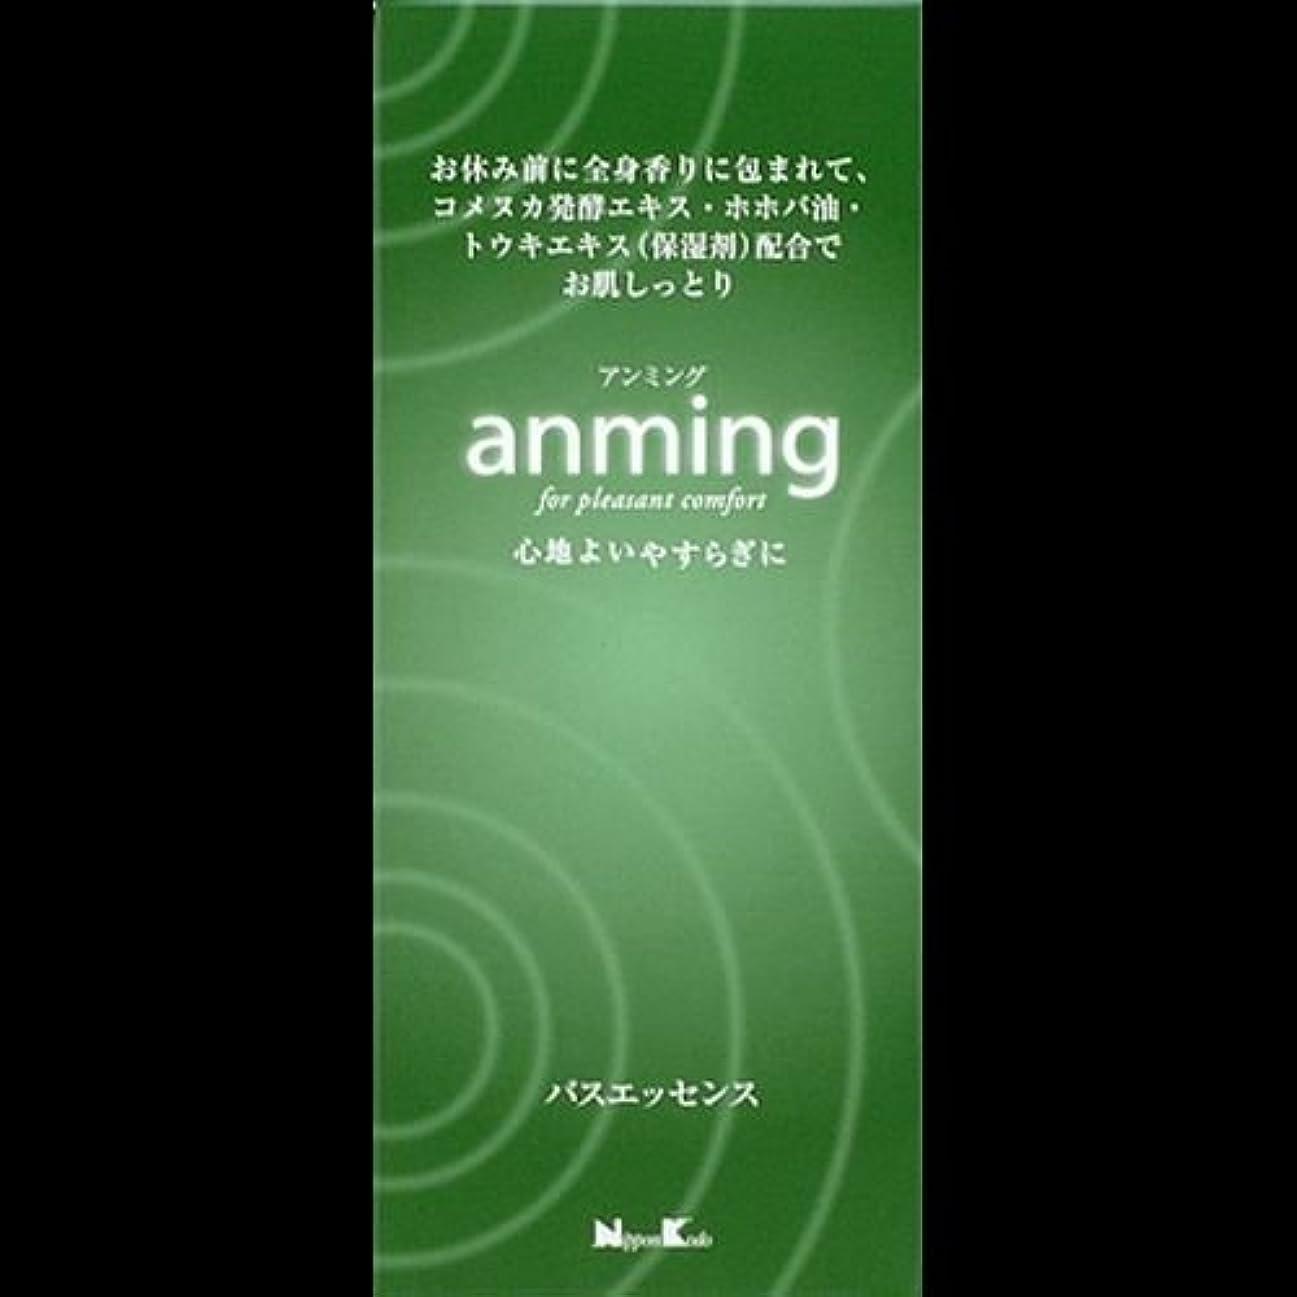 皿慰めパラダイス【まとめ買い】anming(アンミング) バスエッセンス 480ml ×2セット